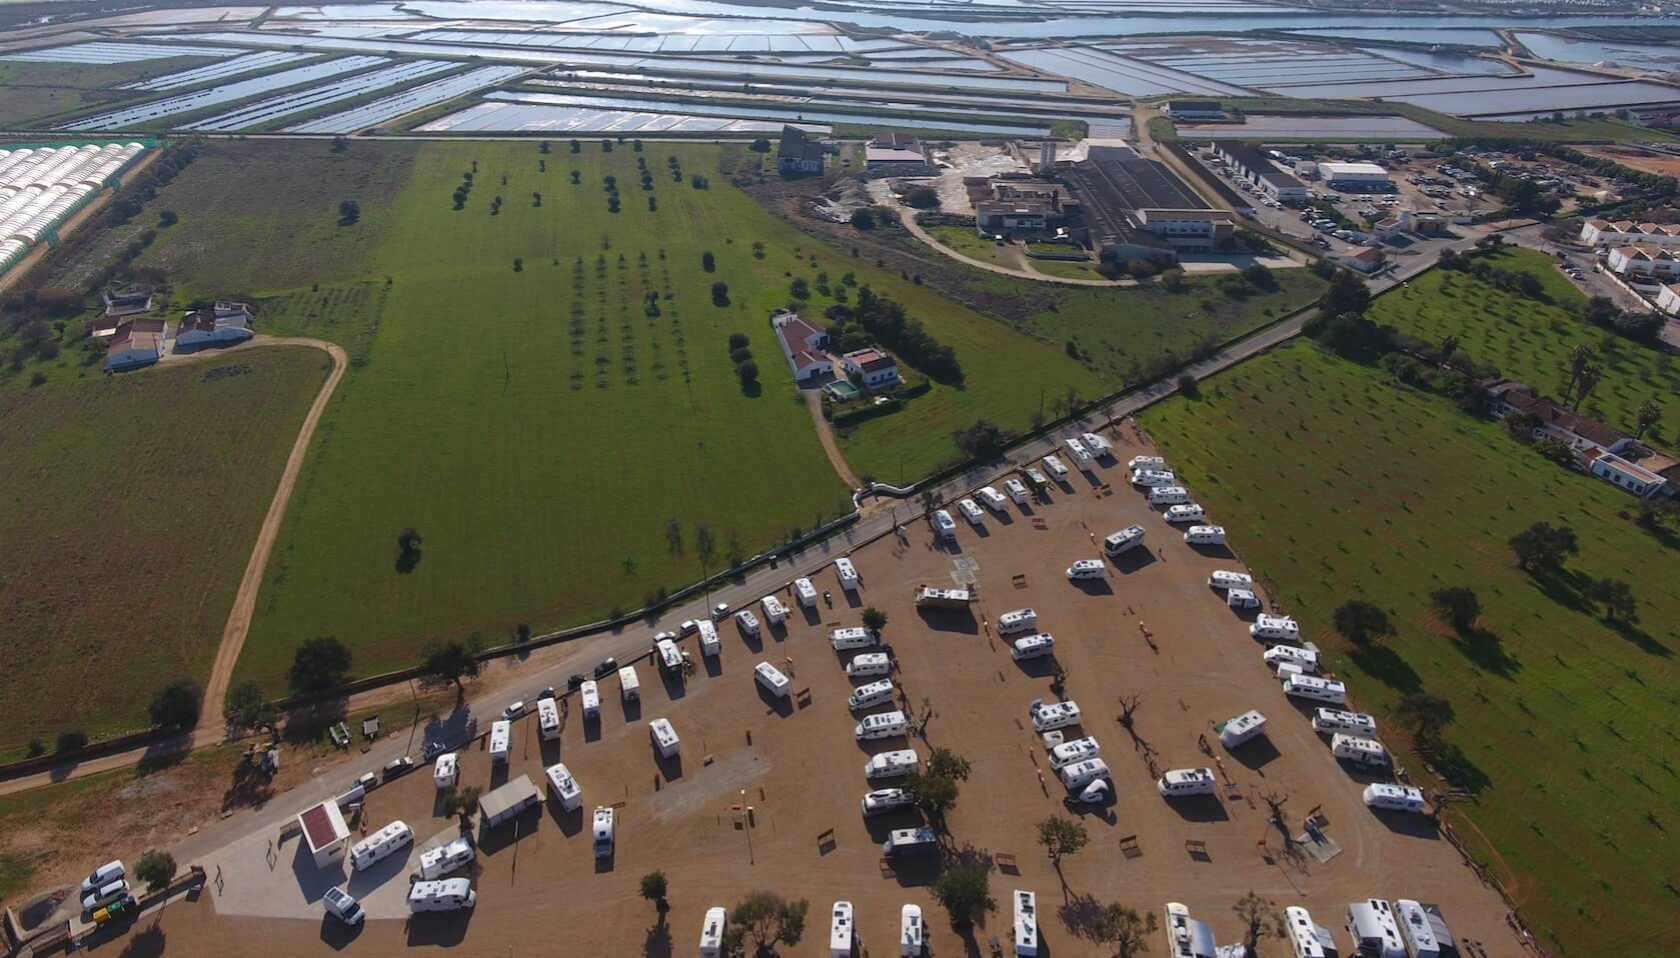 El parque de autocaravanas Algarve Motorhome en Tavira.